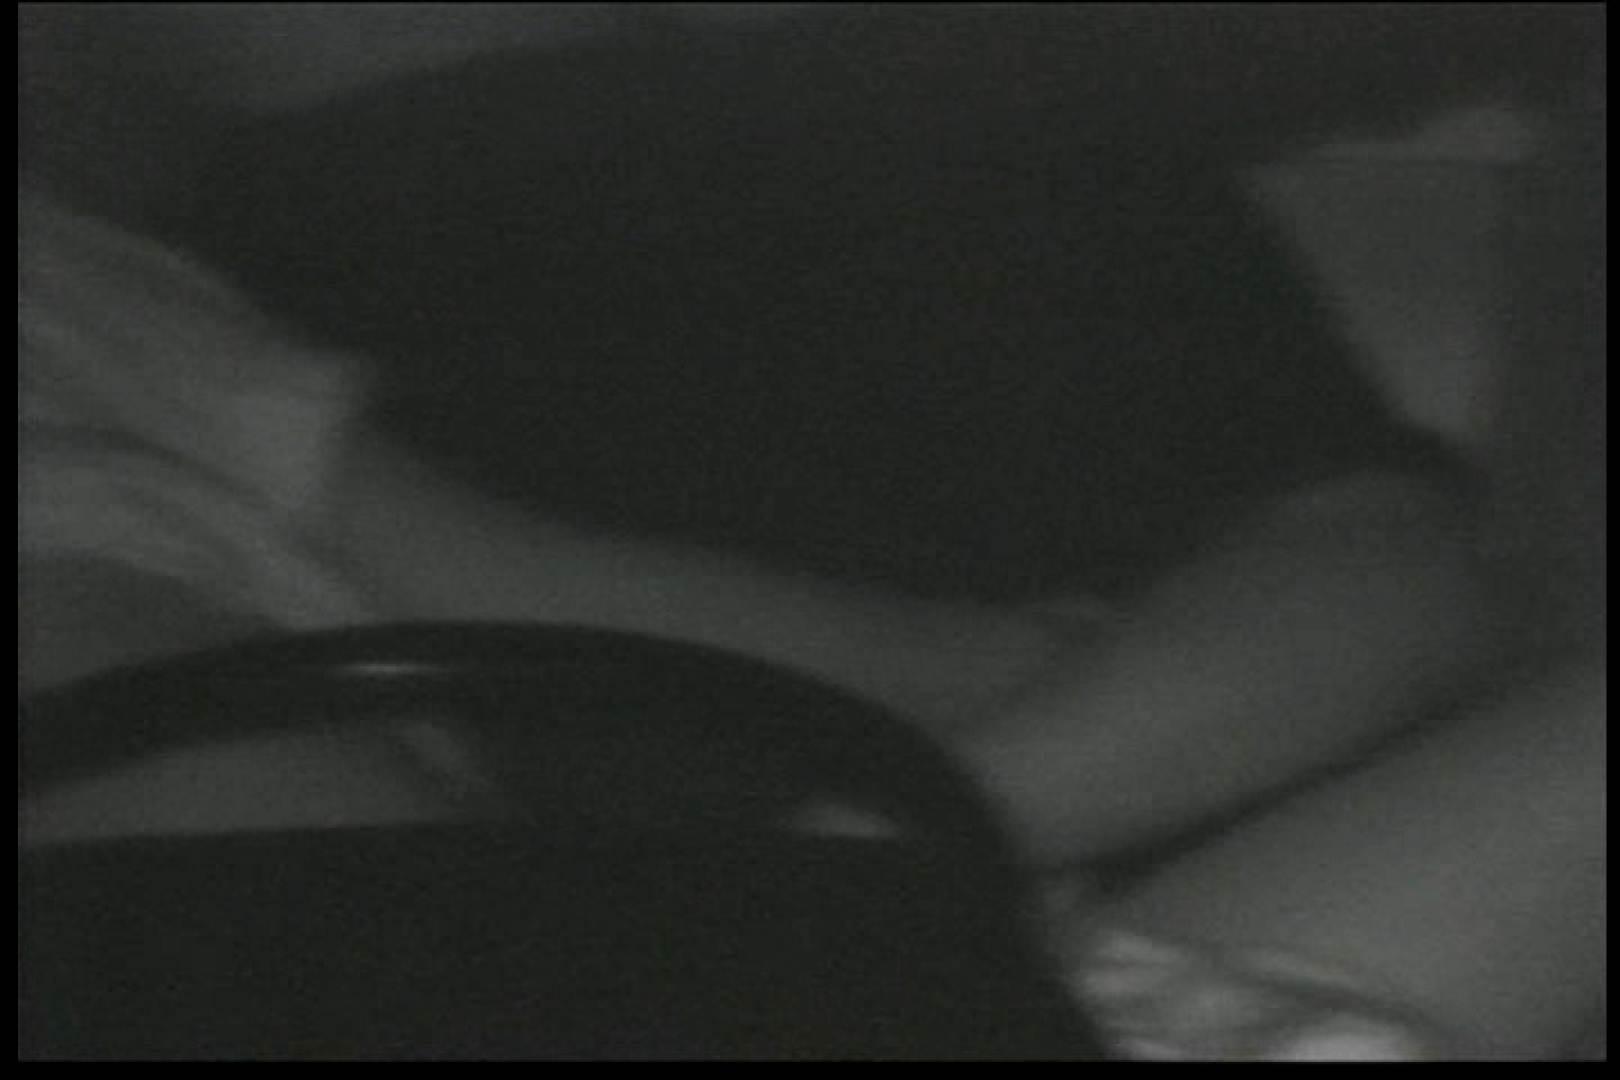 車の中はラブホテル 無修正版  Vol.12 車 すけべAV動画紹介 109連発 68